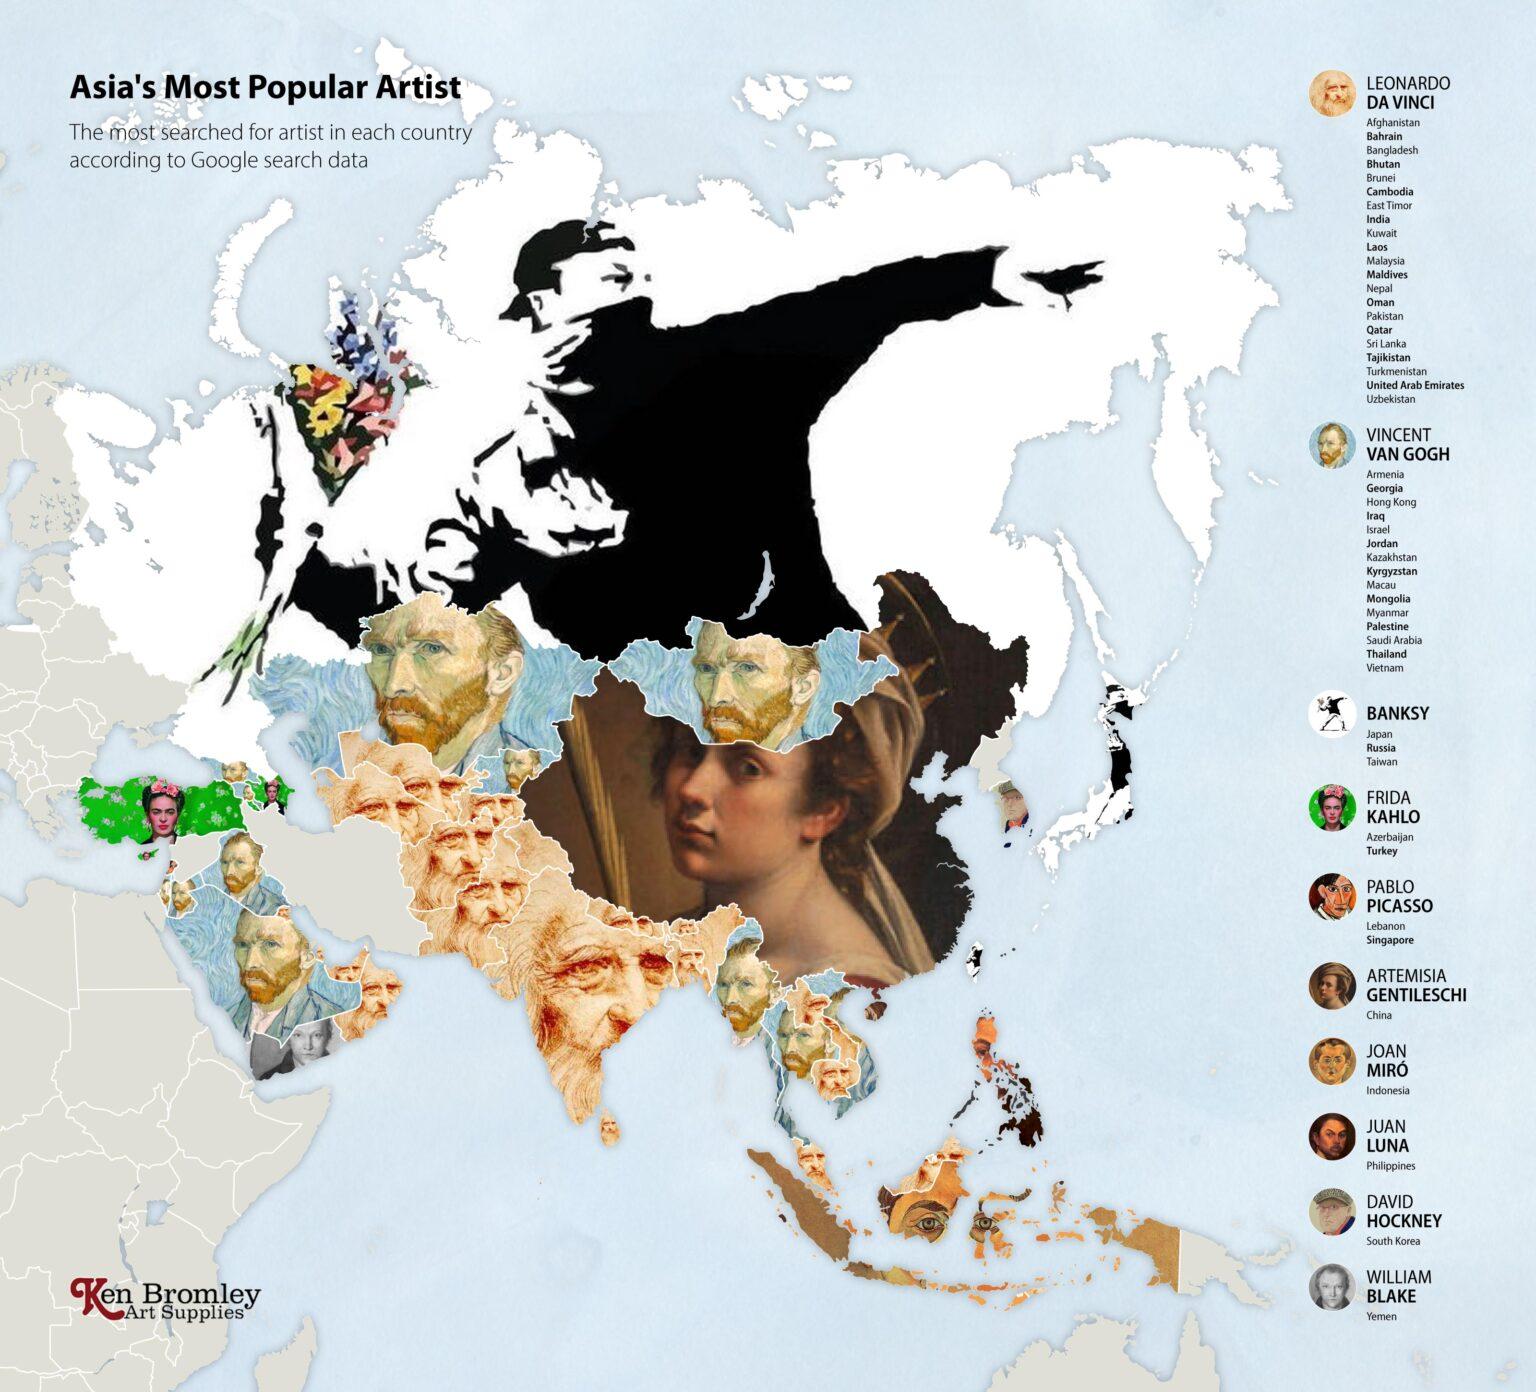 Οι πιο δημοφιλείς καλλιτέχνες στην Ασία για το 2020, Φωτογραφία/credits: Ken Bromley Art Supplies